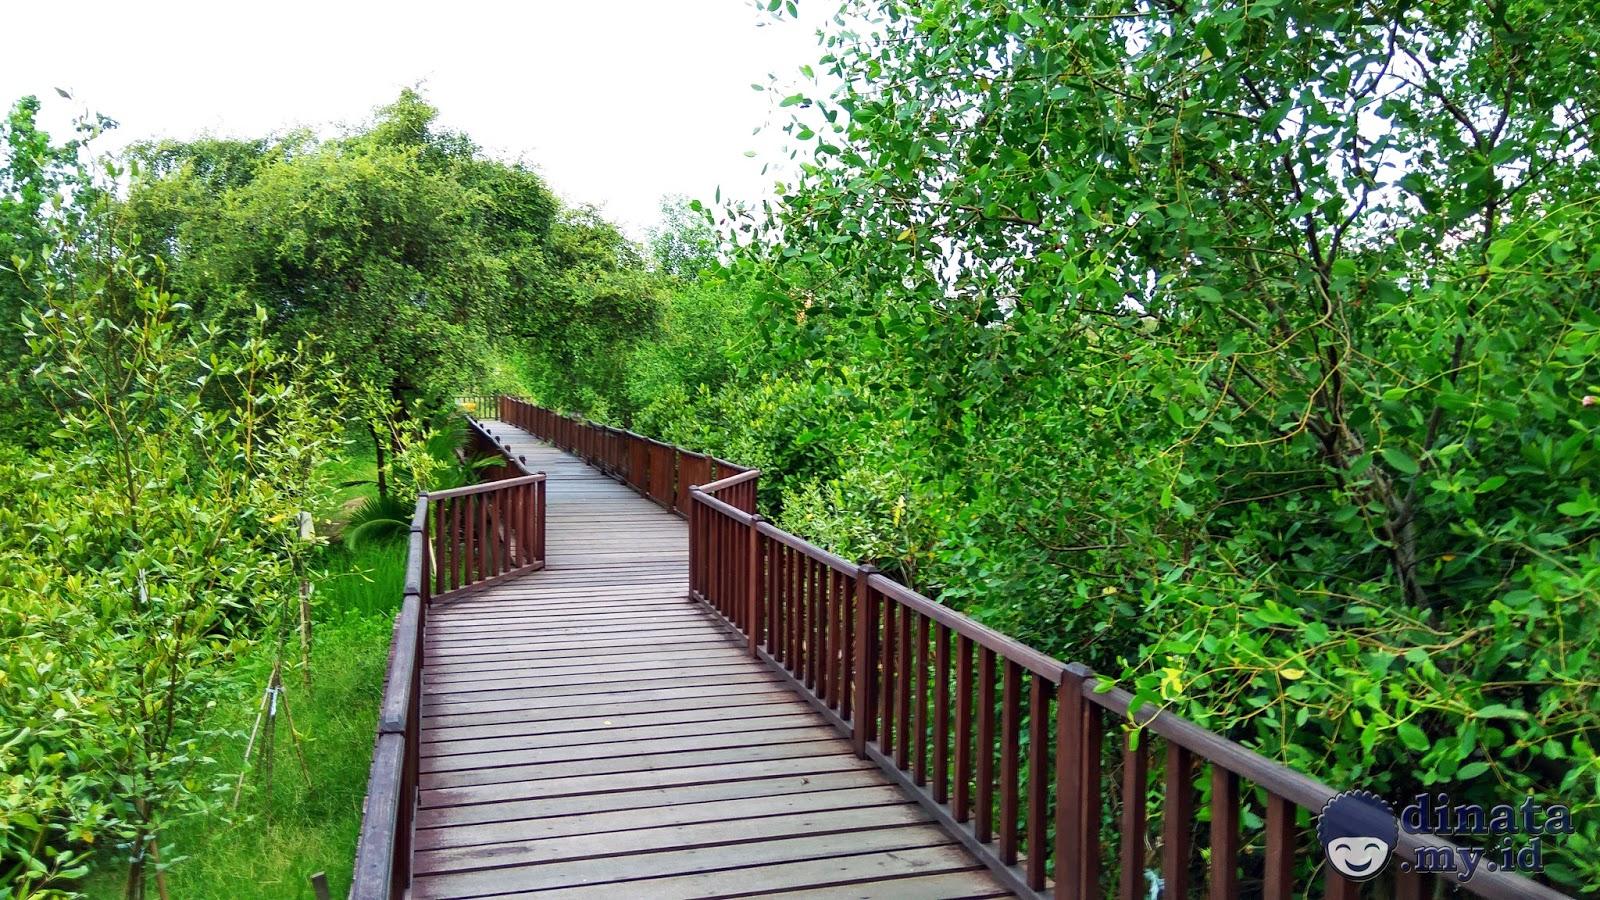 Hutan Mangrove Surabaya Galeri Wisata Asyik Wonorejo Kota